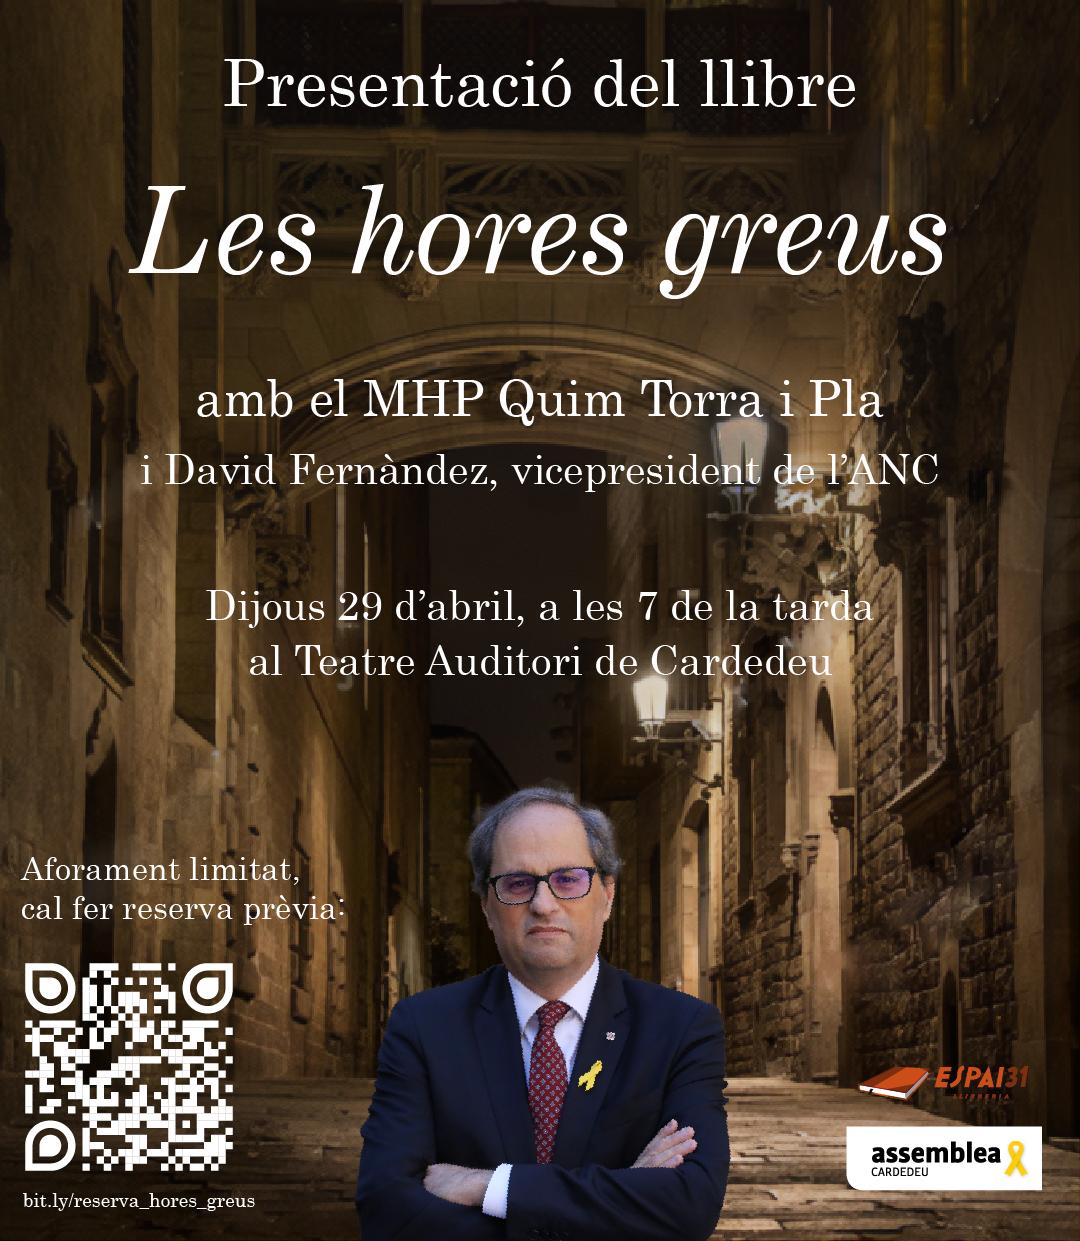 Presentació del llibre Les hores greus del MHP Quim Torra